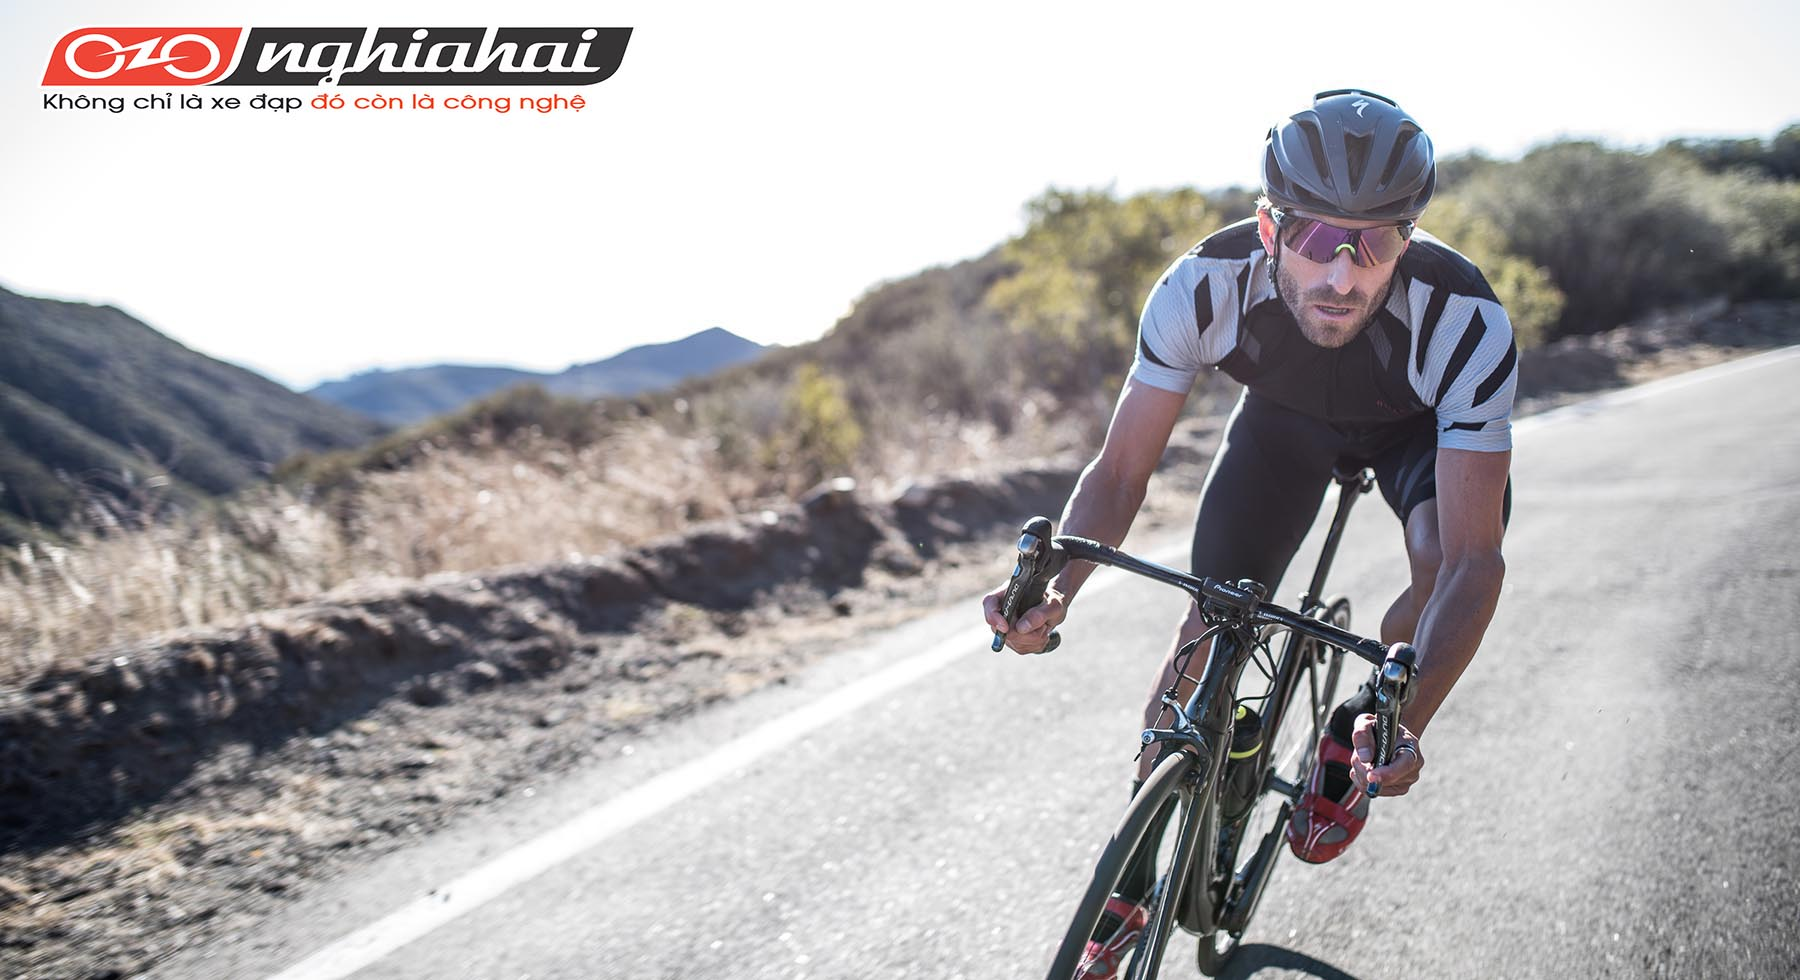 Kĩ năng vượt chướng ngại vật giúp bạn đạp xe tốt hơn 3